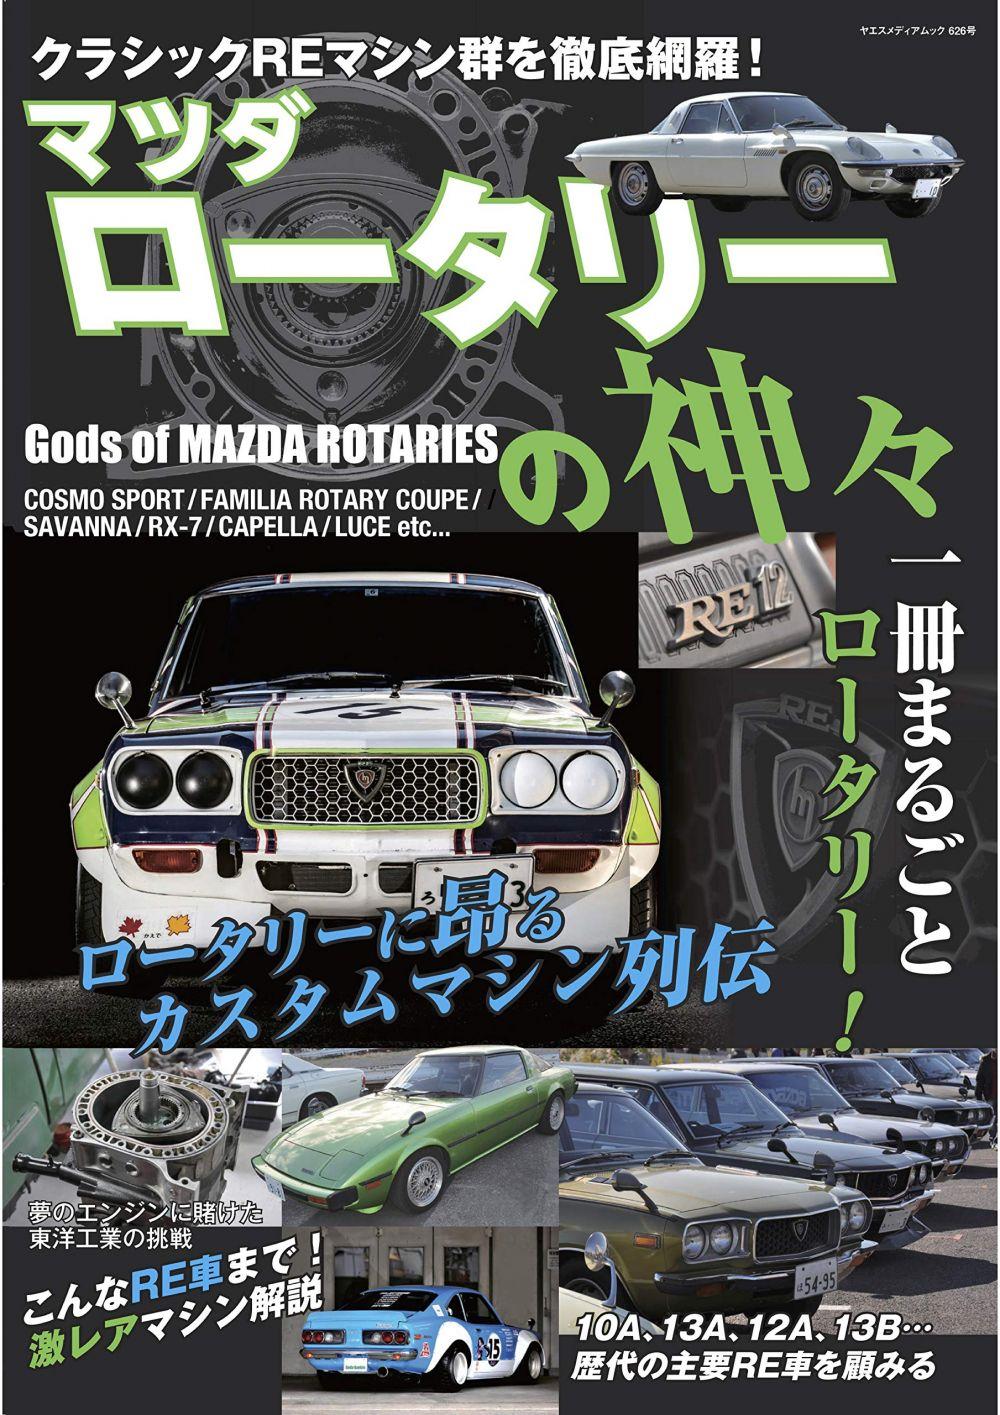 マツダ ロータリーの神々